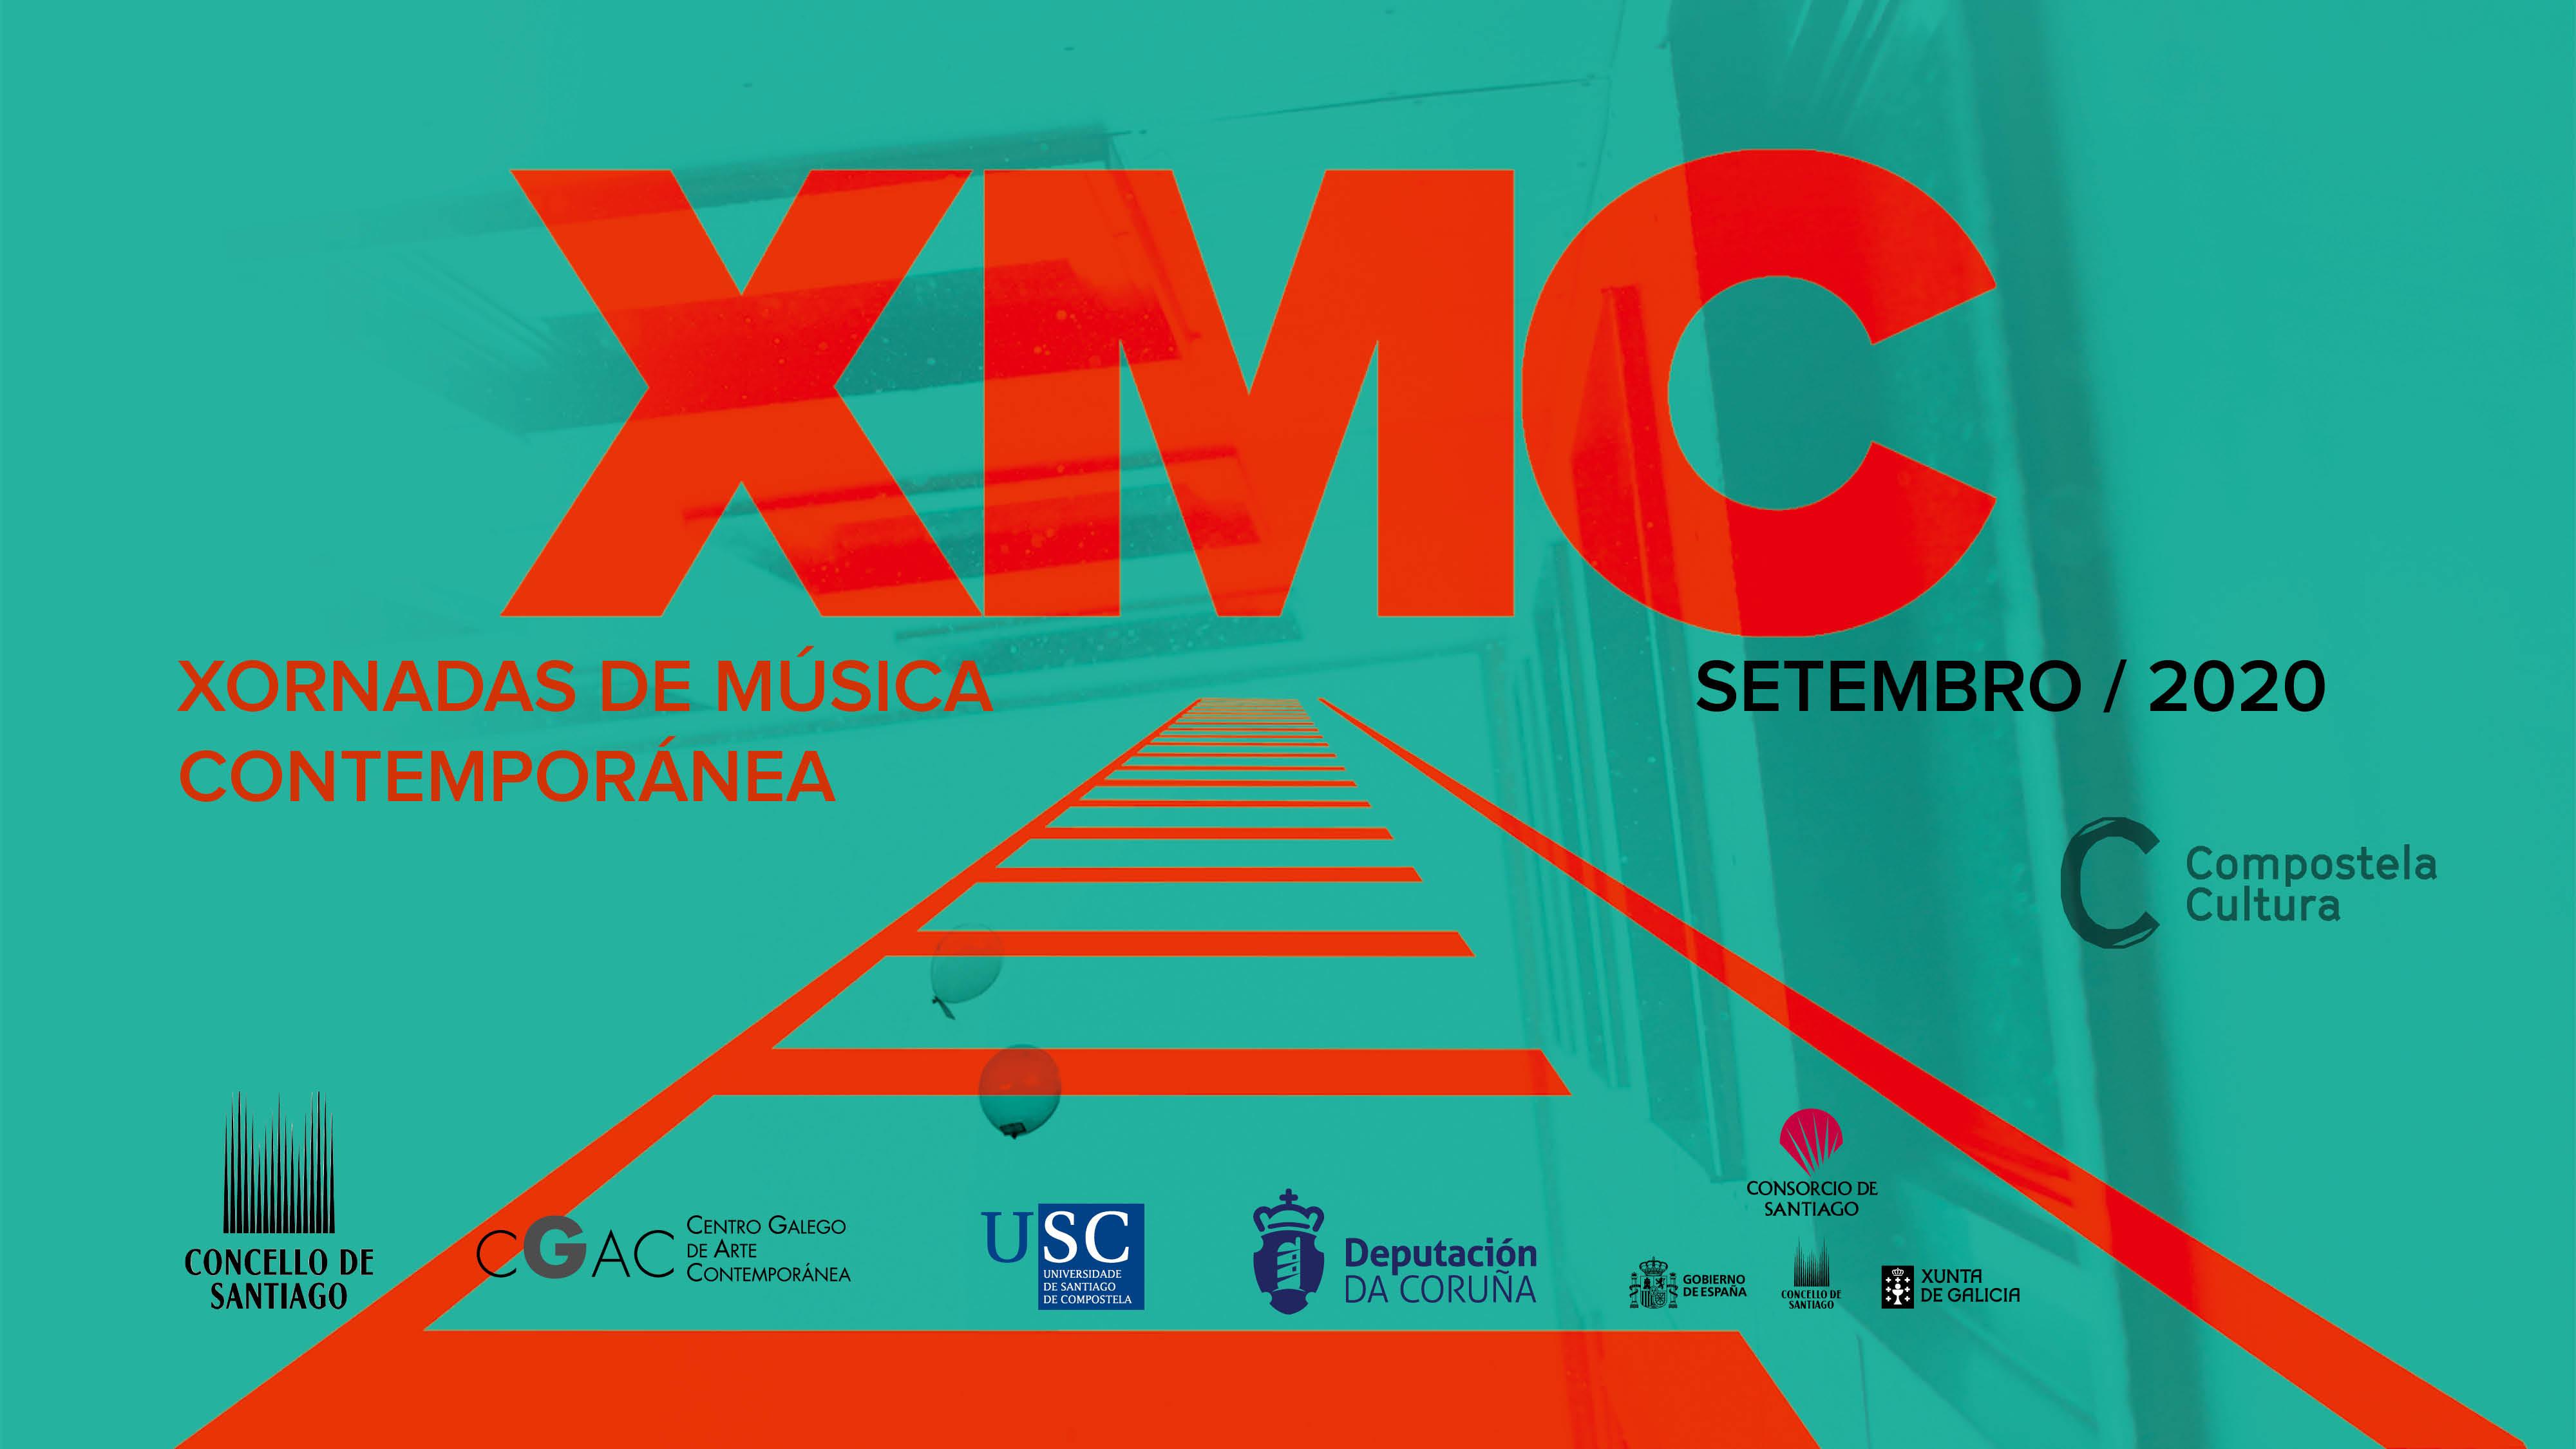 Media ducia de concertos e espectáculos fan parte do programa entre o 9 e o 23 de setembro